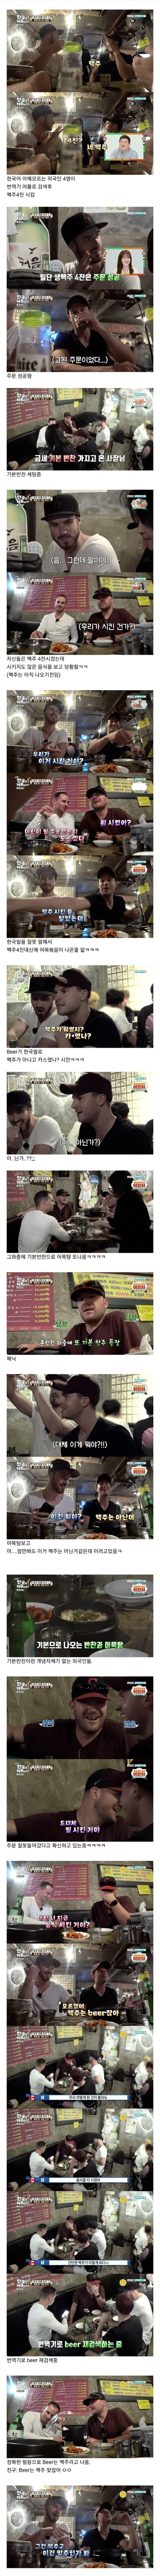 한국의 기본안주때문에 혼란스러운 외국인들   인스티즈